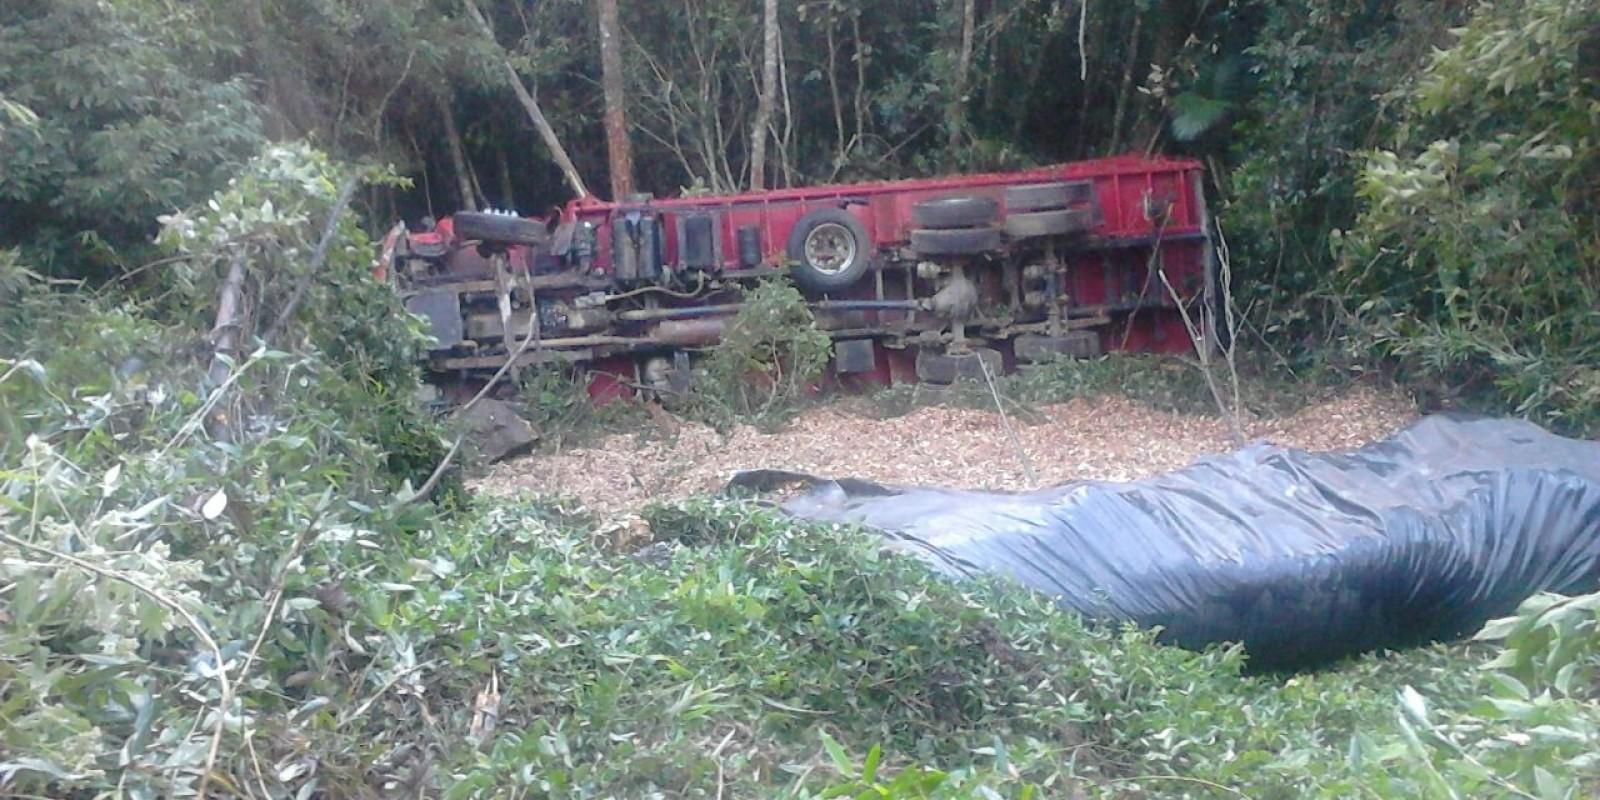 Caminhão cai e motorista fica 14h45m no local até ser encontrado com suspeita de fratura